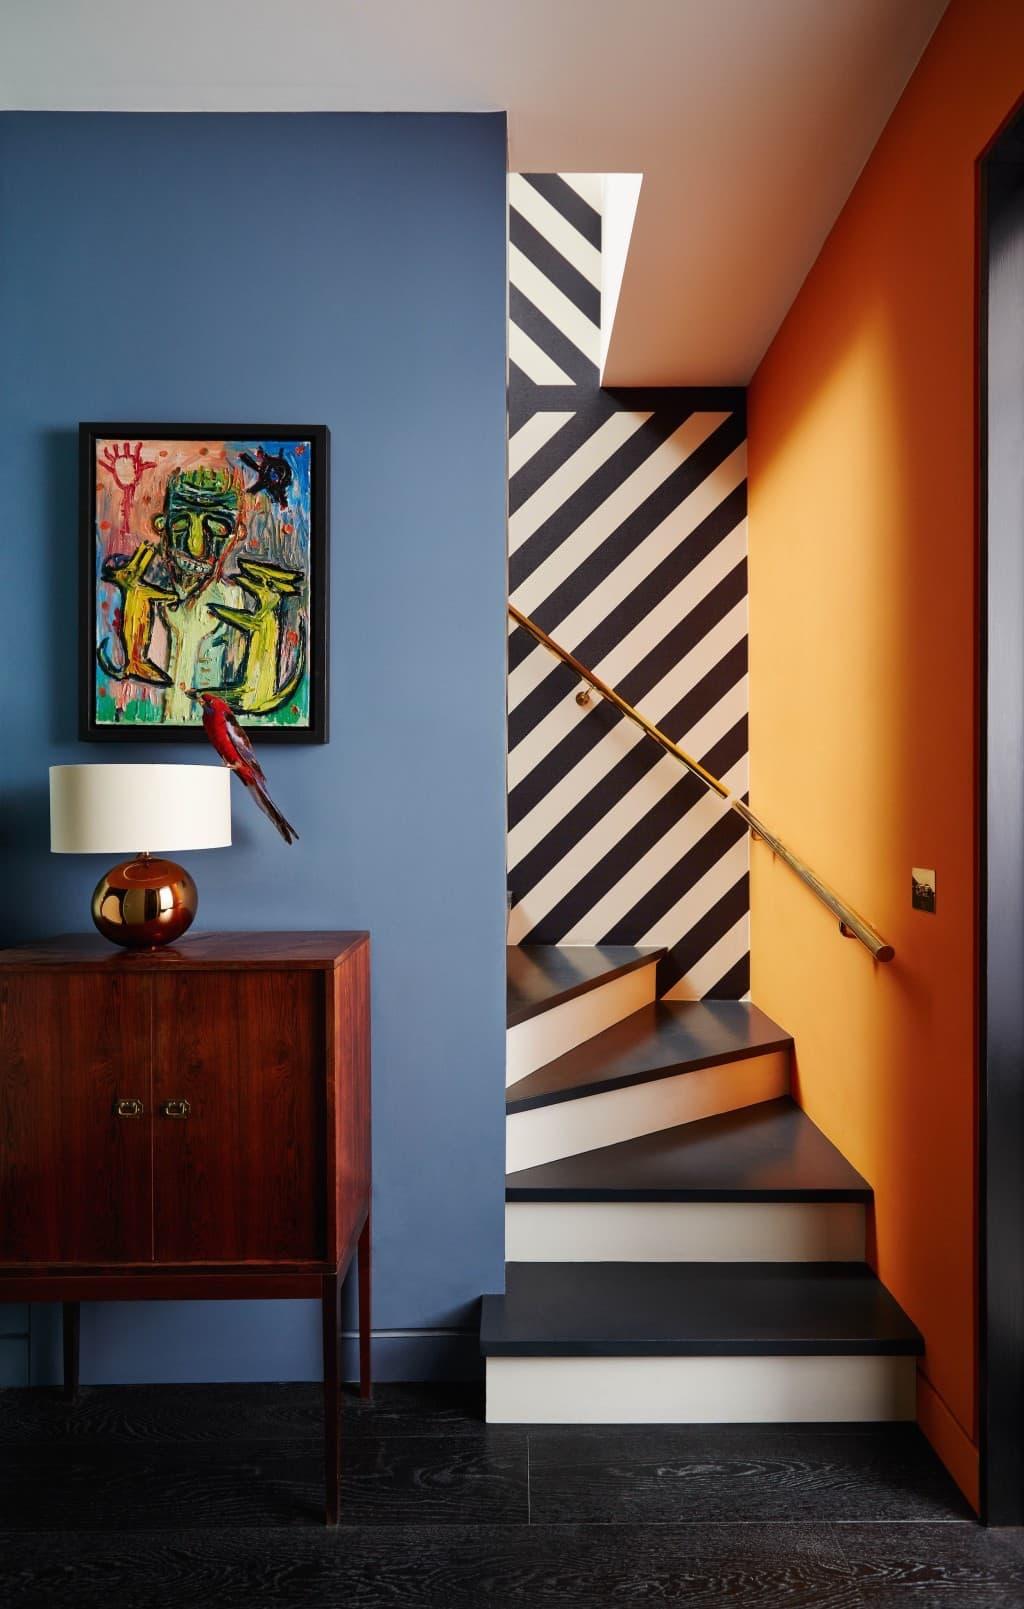 Синий цвет идеально сочетается с оранжевым, особенно если между ними присутствует темно-белый контраст